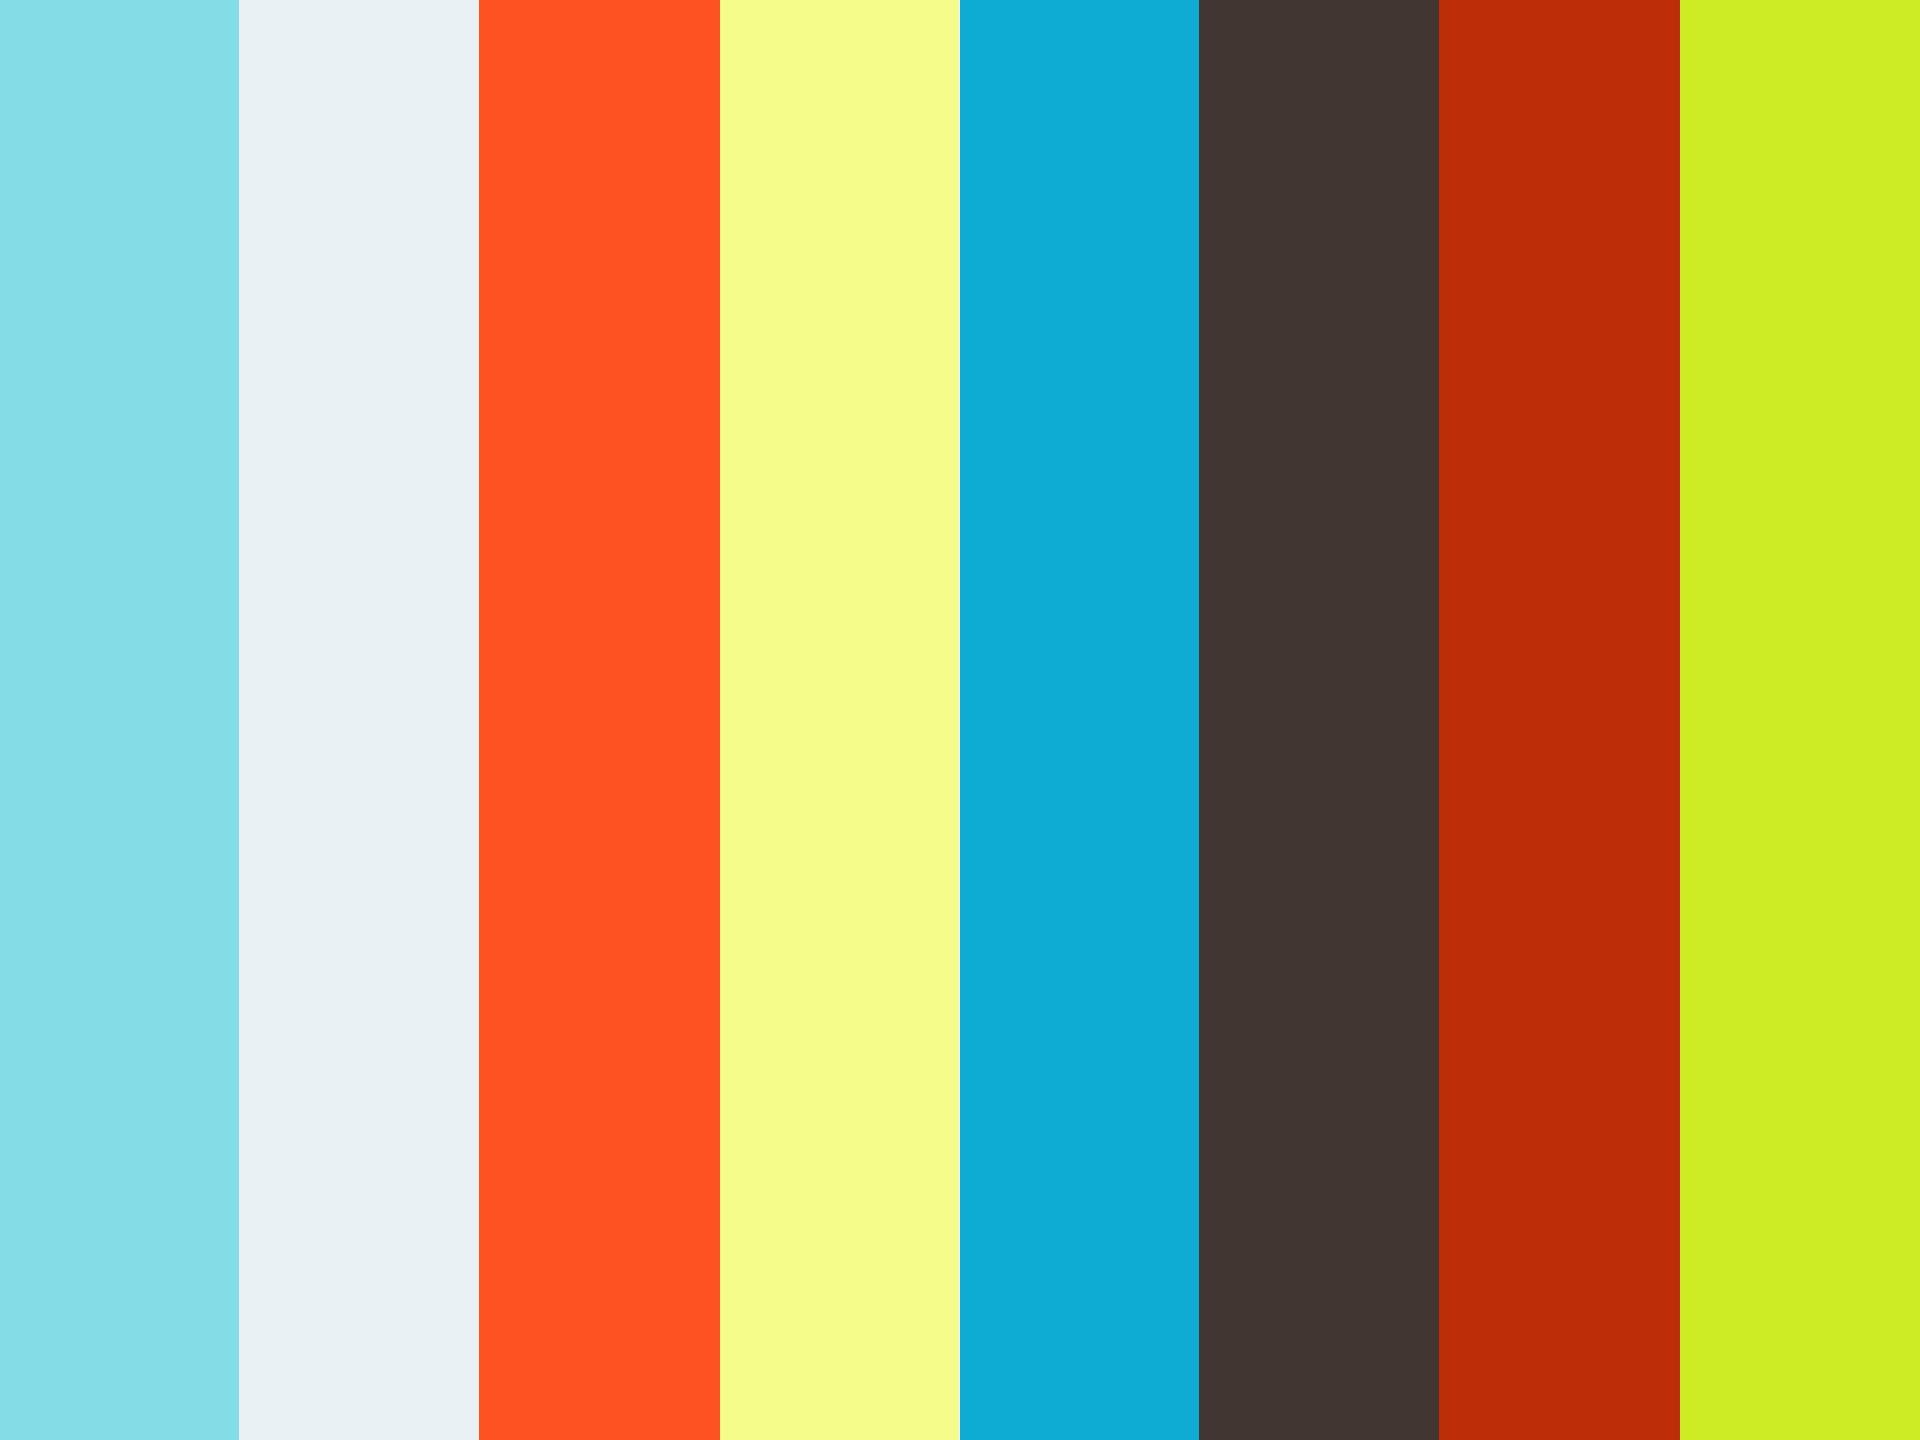 Μένω σπίτι και μαθαίνω | Προδημοτική | Γλωσσική Αγωγή ( Παραδοσιακό Παραμύθι :Η Κοτζιακαρού τζιαι το Παστέλλιν ) Επ.46